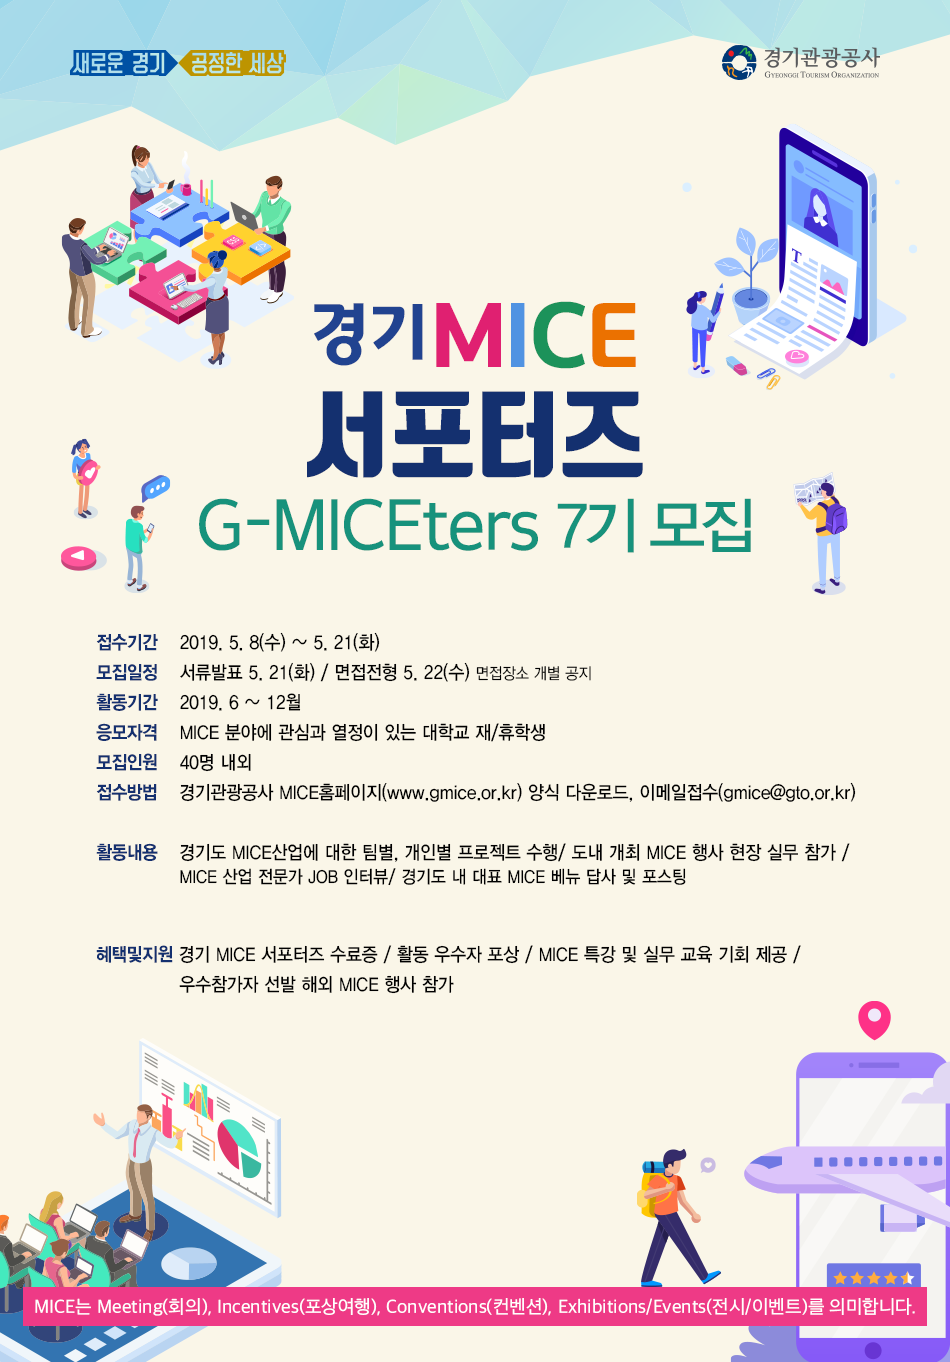 경기관광공사 경기 MICE 서포터즈 G-MICEters 7기 참가자 모집